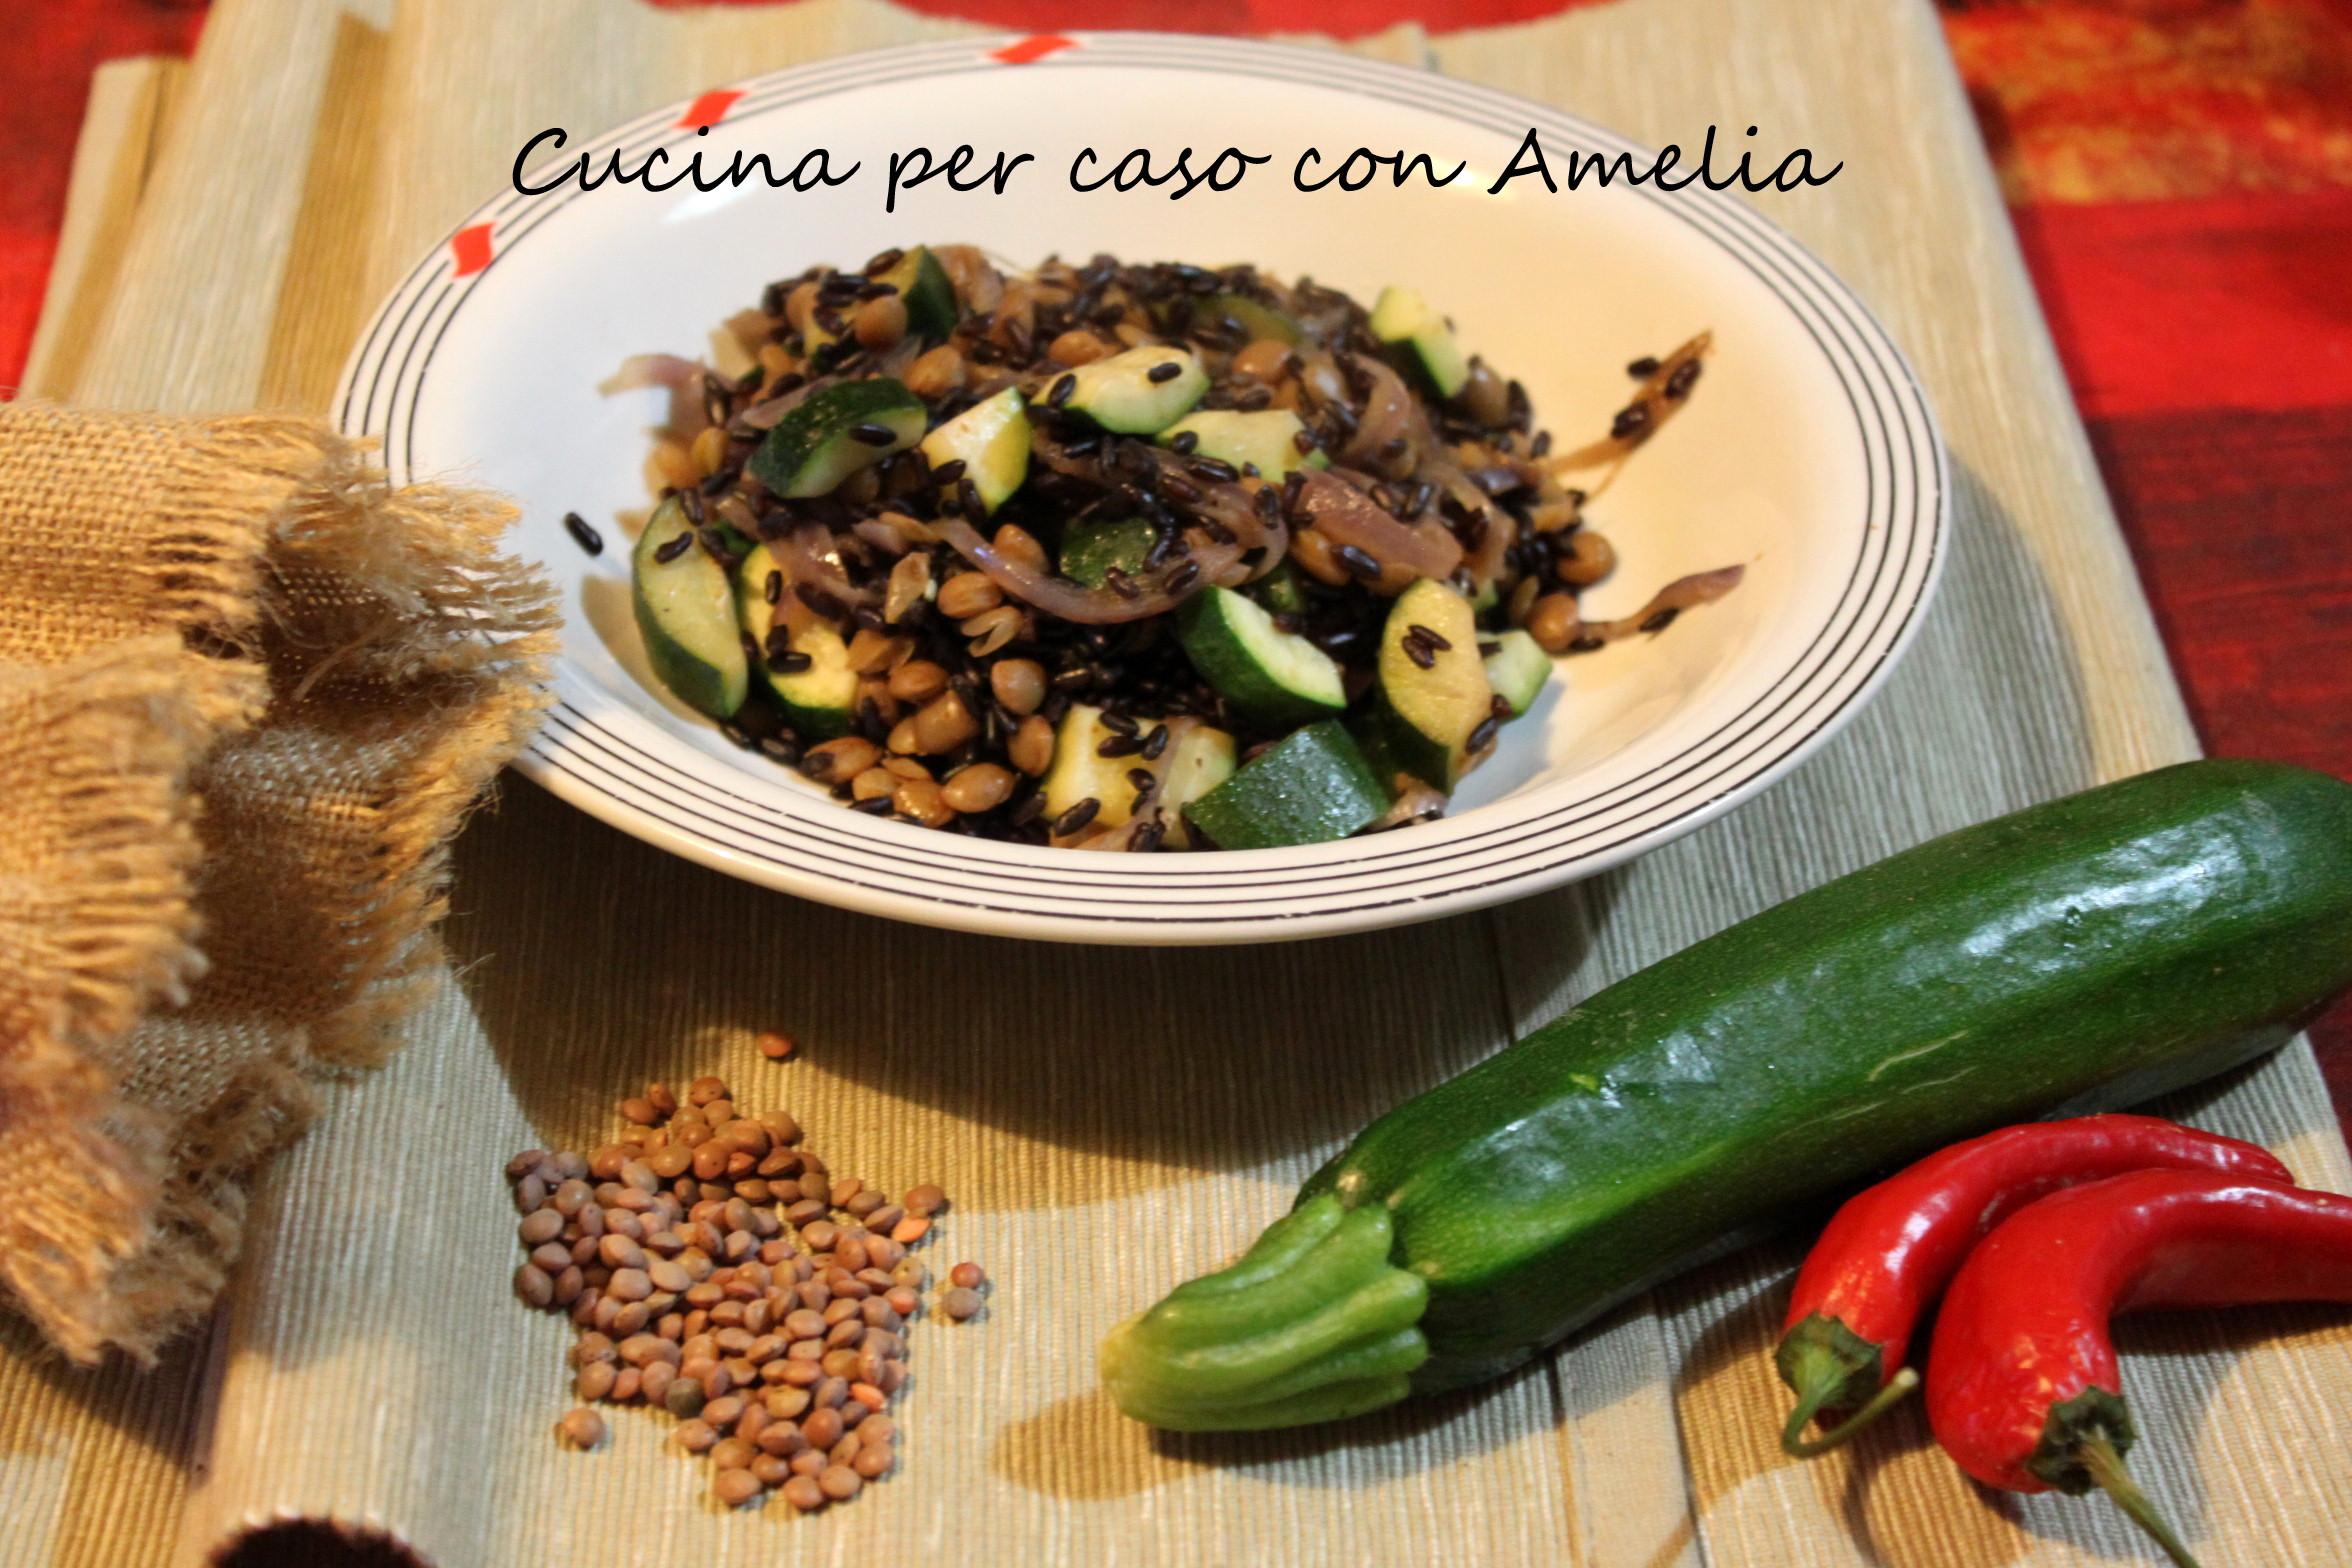 Estremamente Riso venere e lenticchie, ricetta vegan - Cucina per caso con Amelia VS49